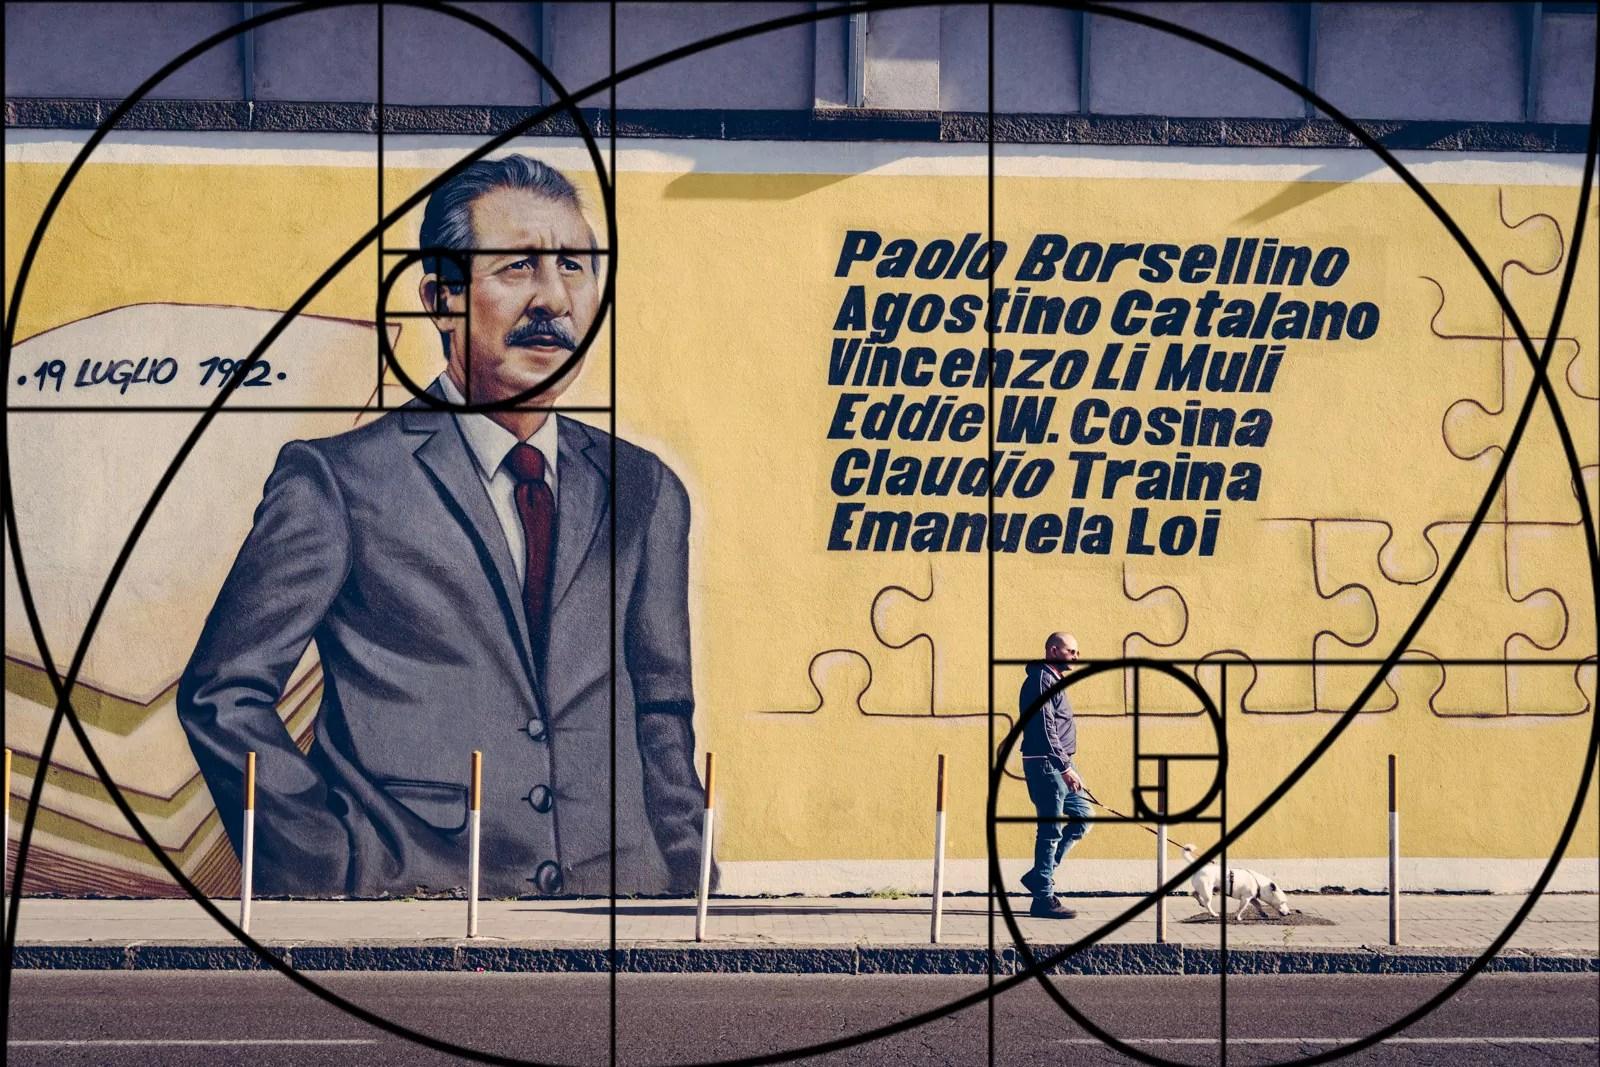 borsellino aurea - La sezione aurea nella fotografia di strada - fotostreet.it